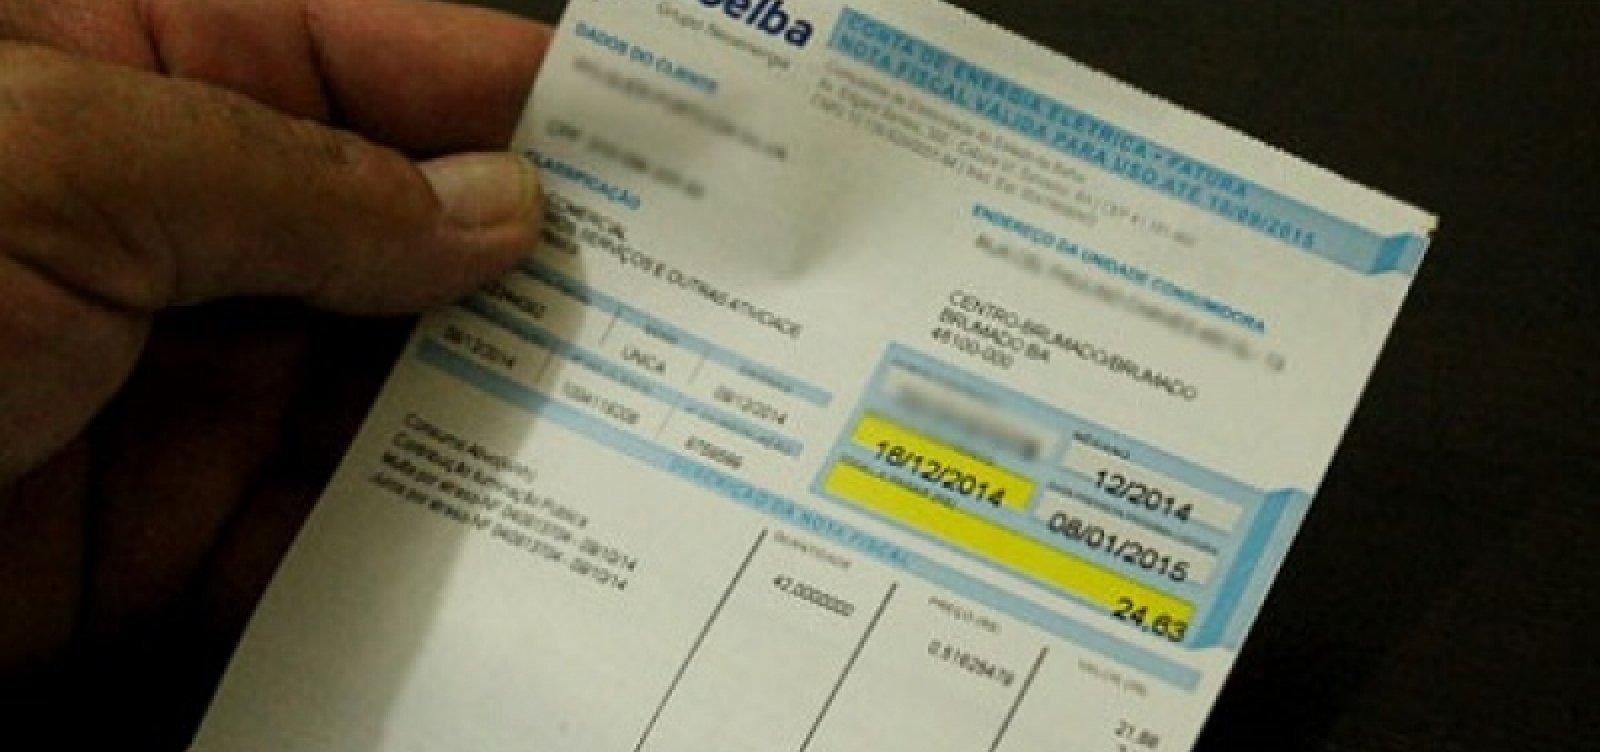 Coelba zera juros e multa para clientes da tarifa social em campanha de negociação de débitos